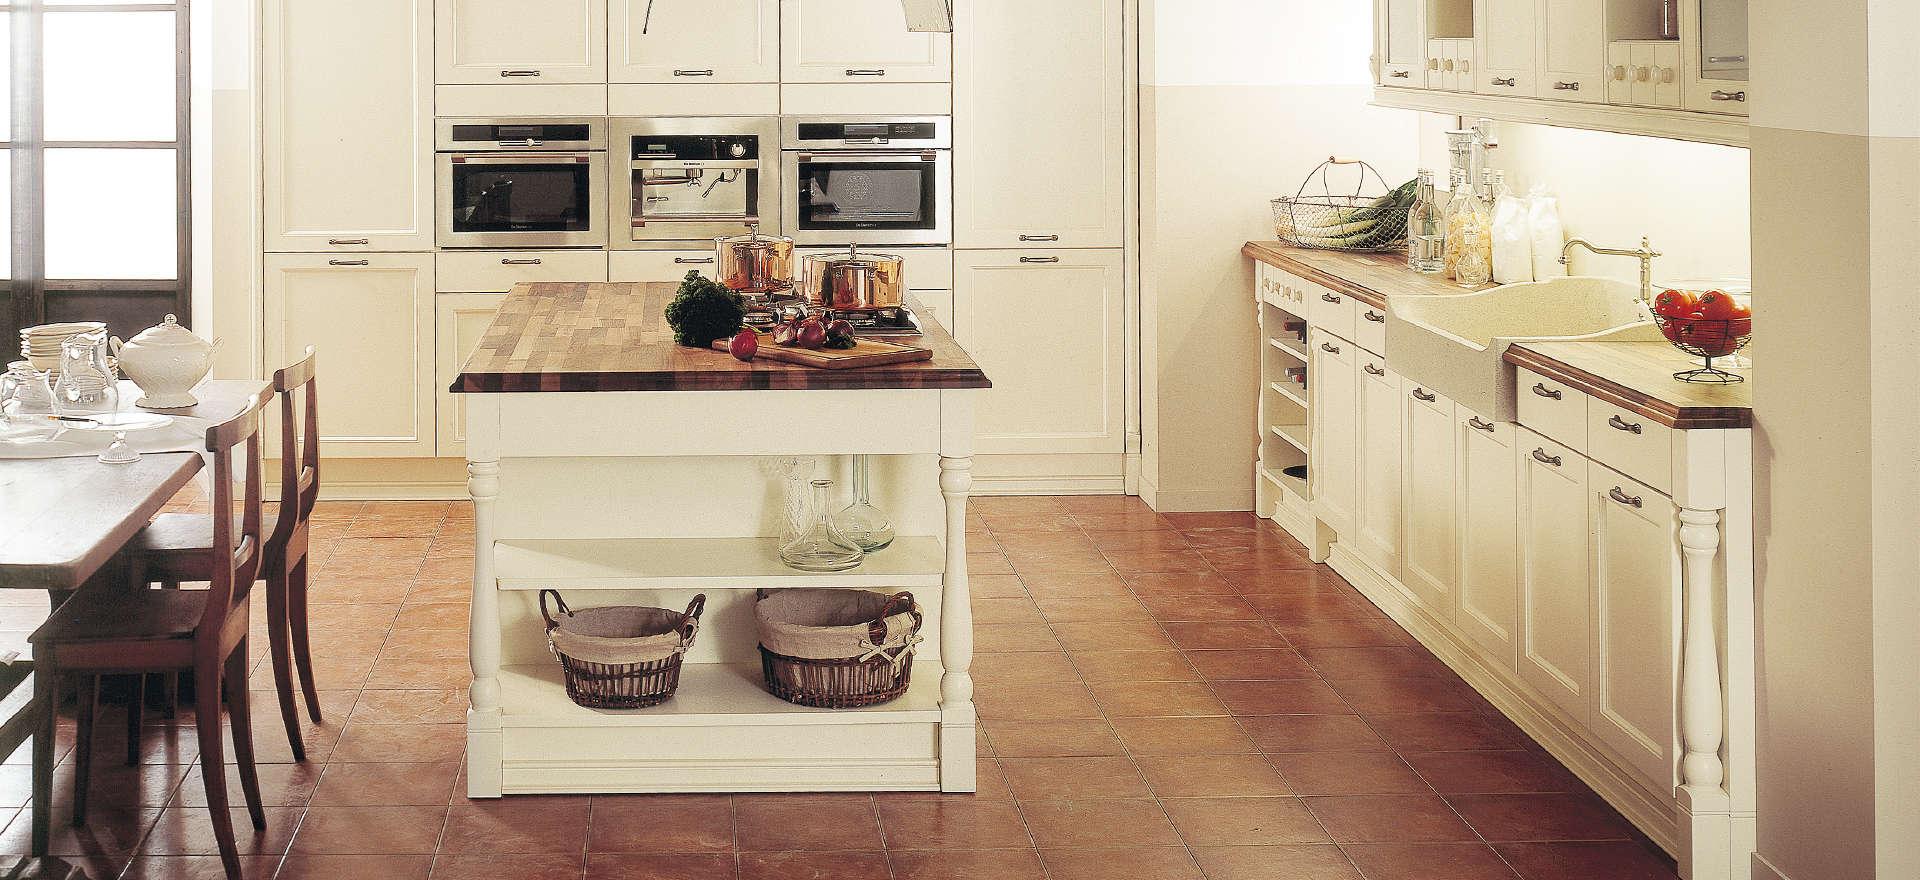 Scarlett køkkenserien giver masser af inspiration til sommerhuset